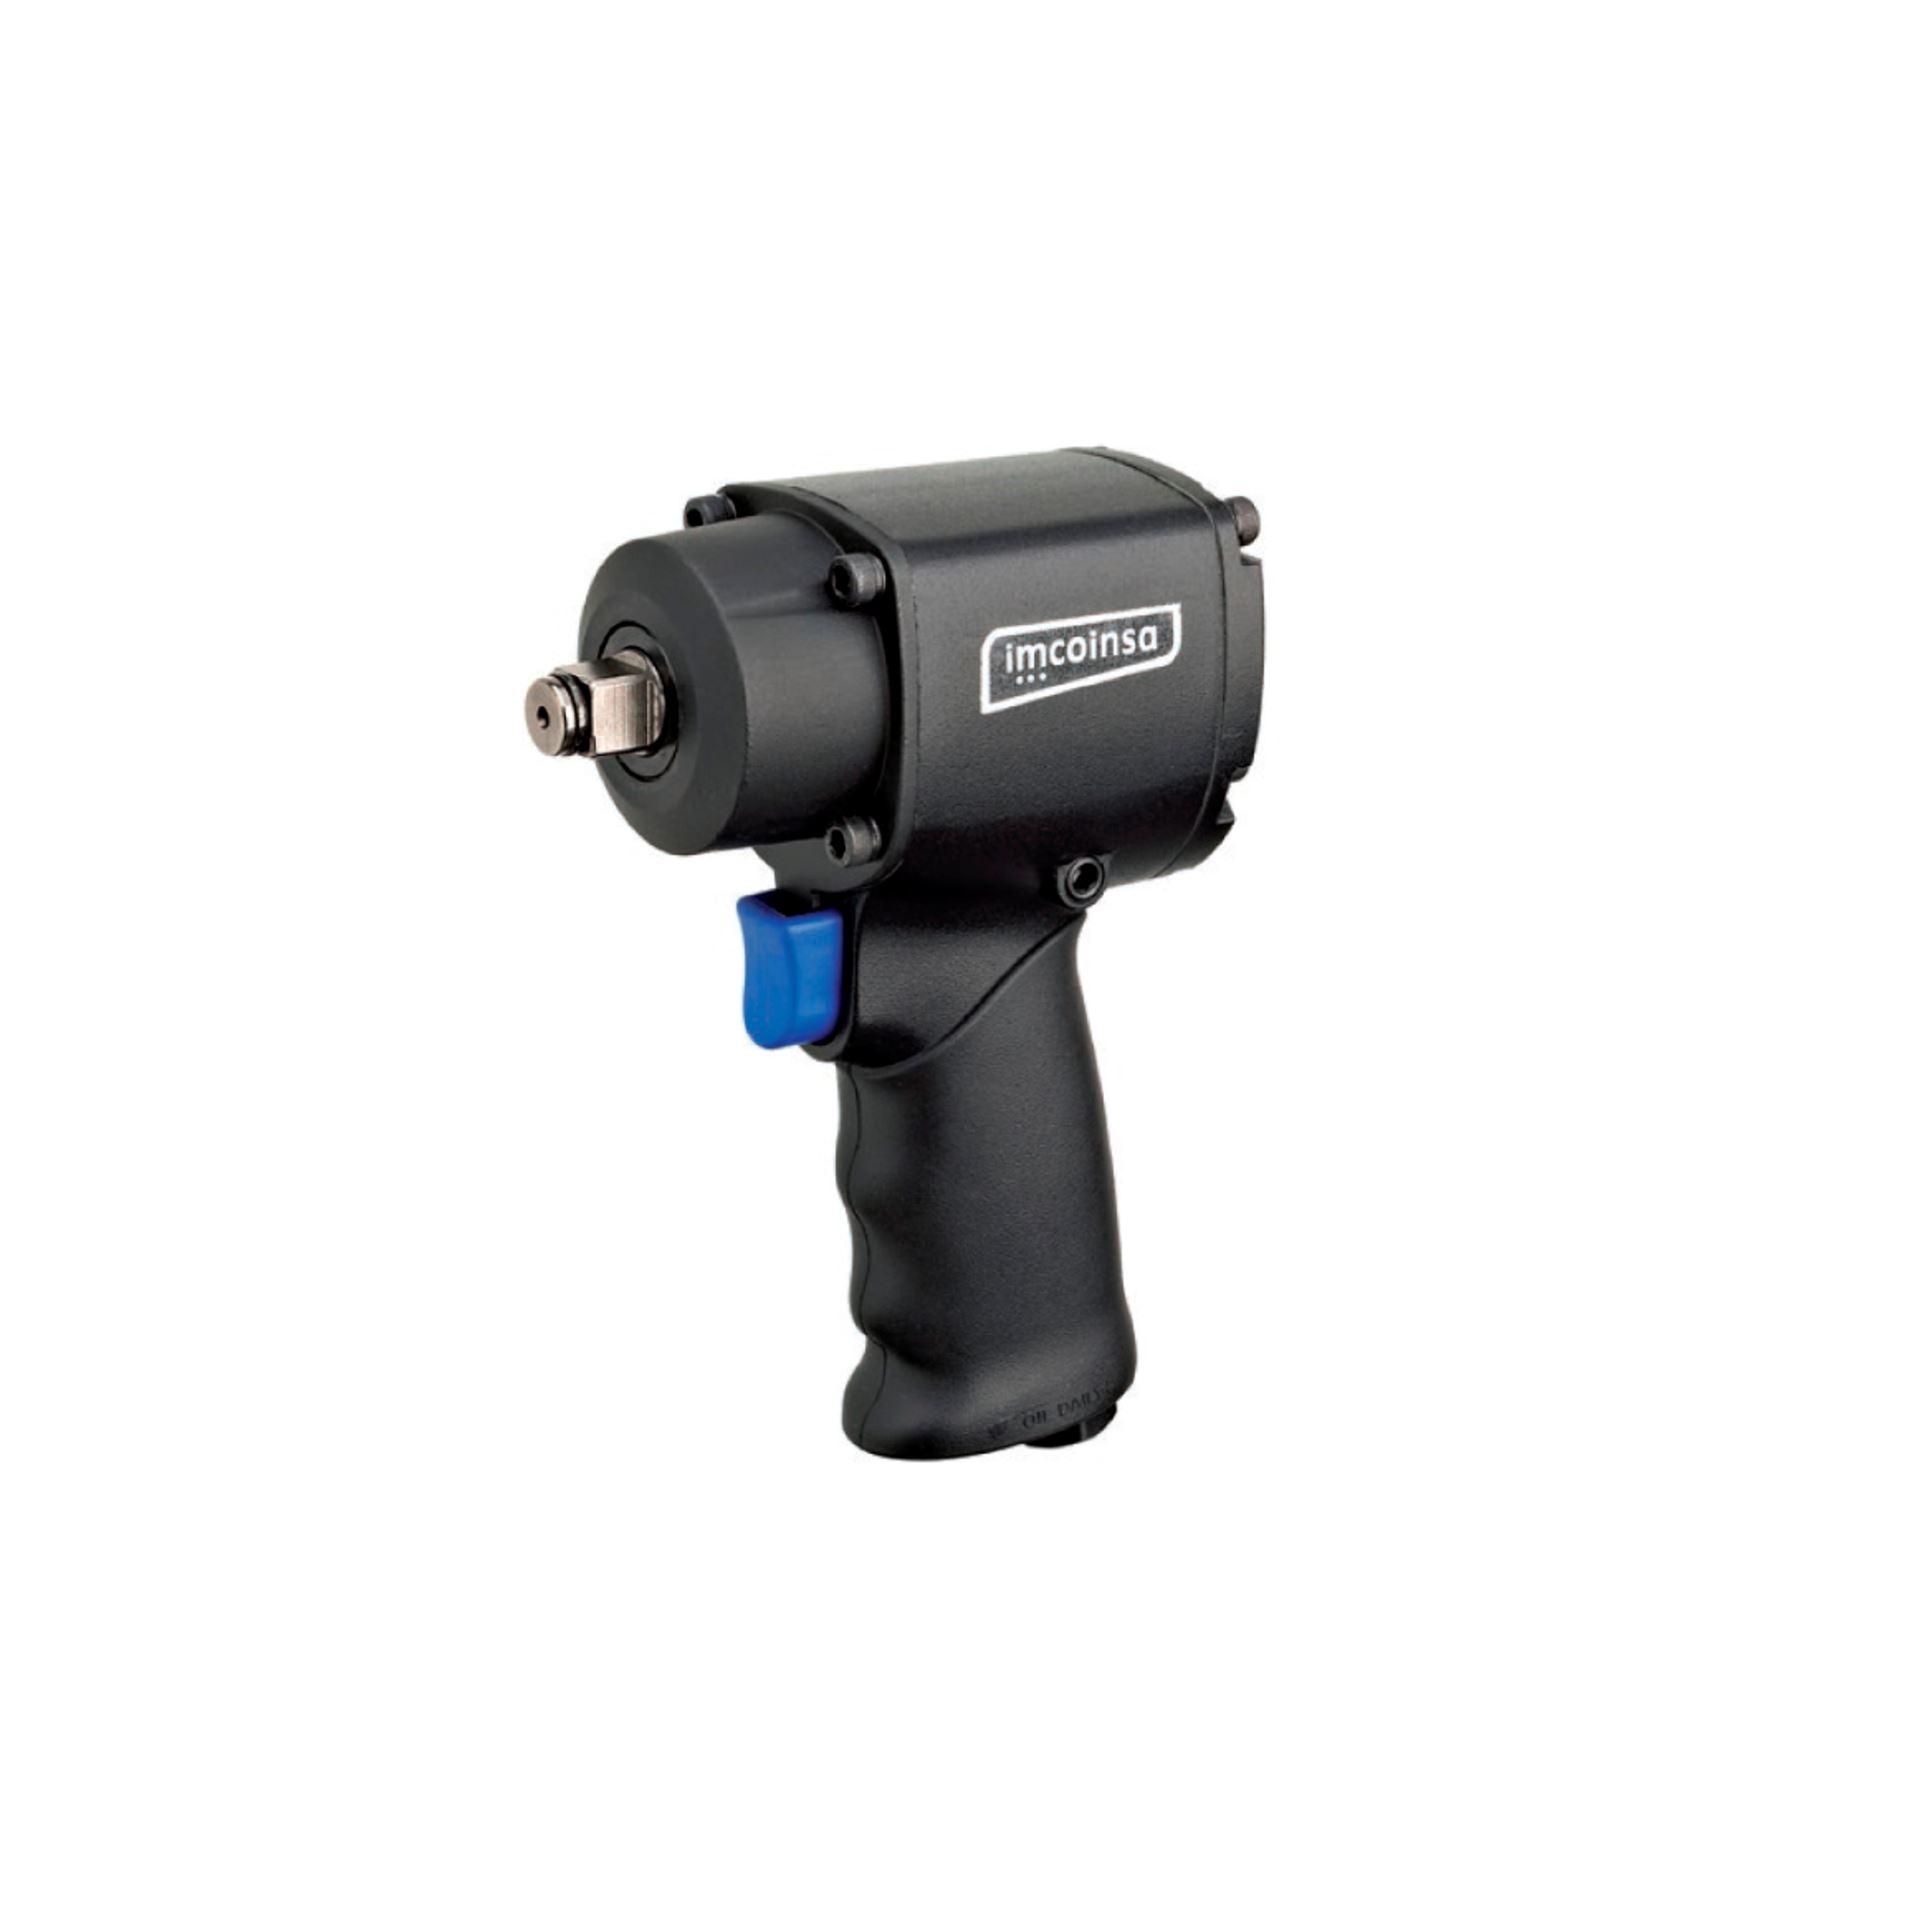 """Imagen de Pistola impacto mini 1/2"""" 675 Nm Imcoinsa 0A403"""